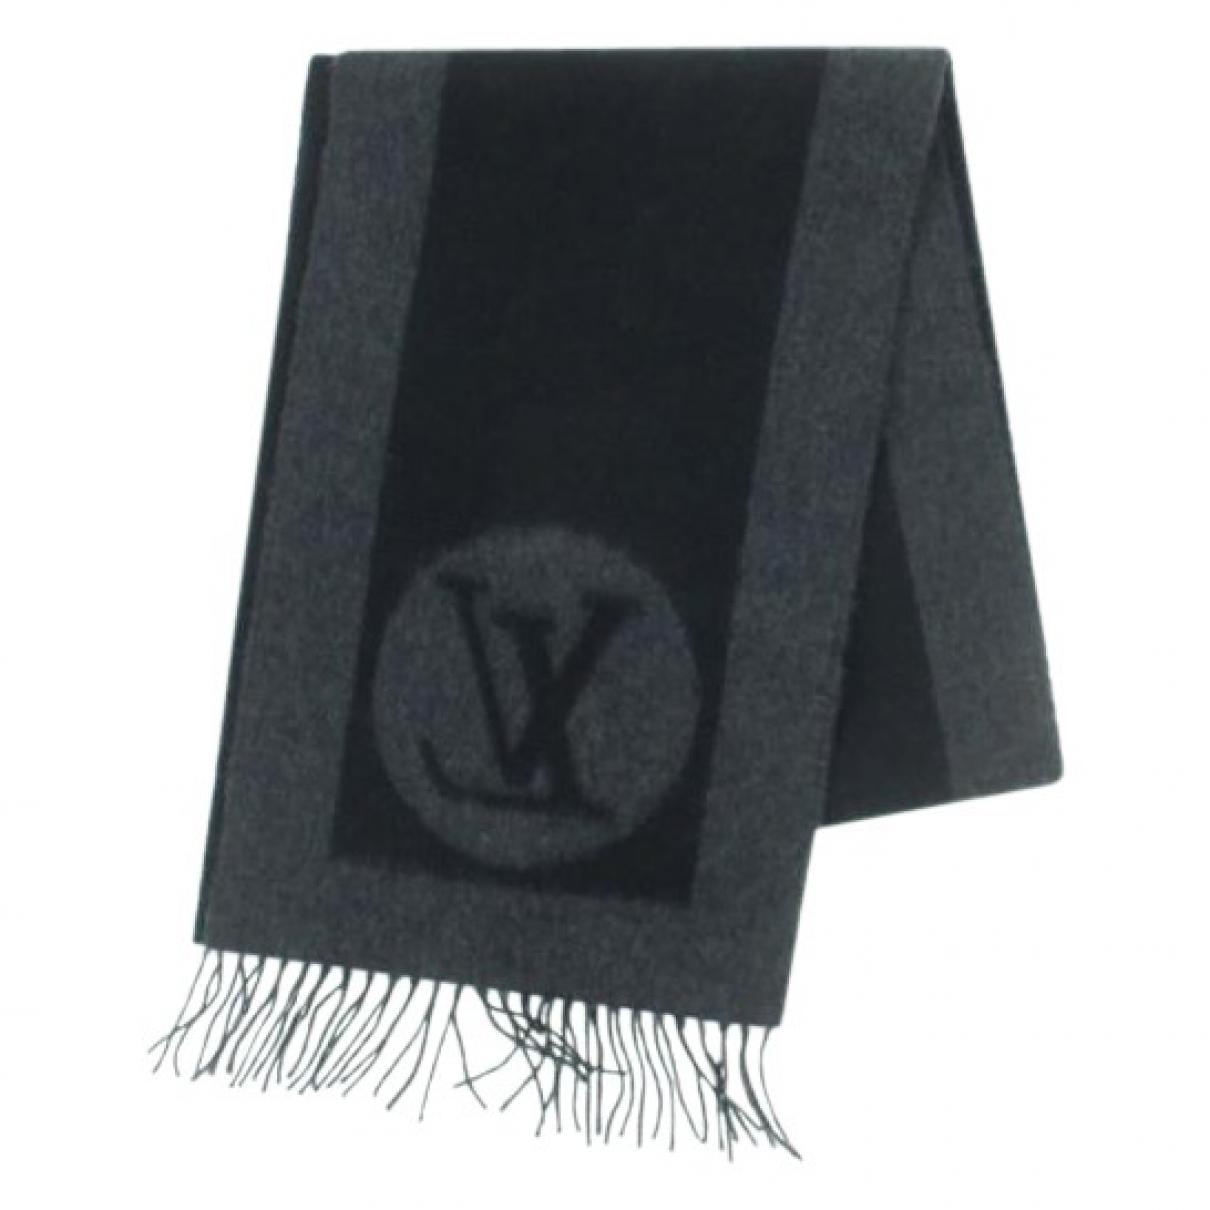 Louis Vuitton - Cheches.Echarpes   pour homme en laine - noir